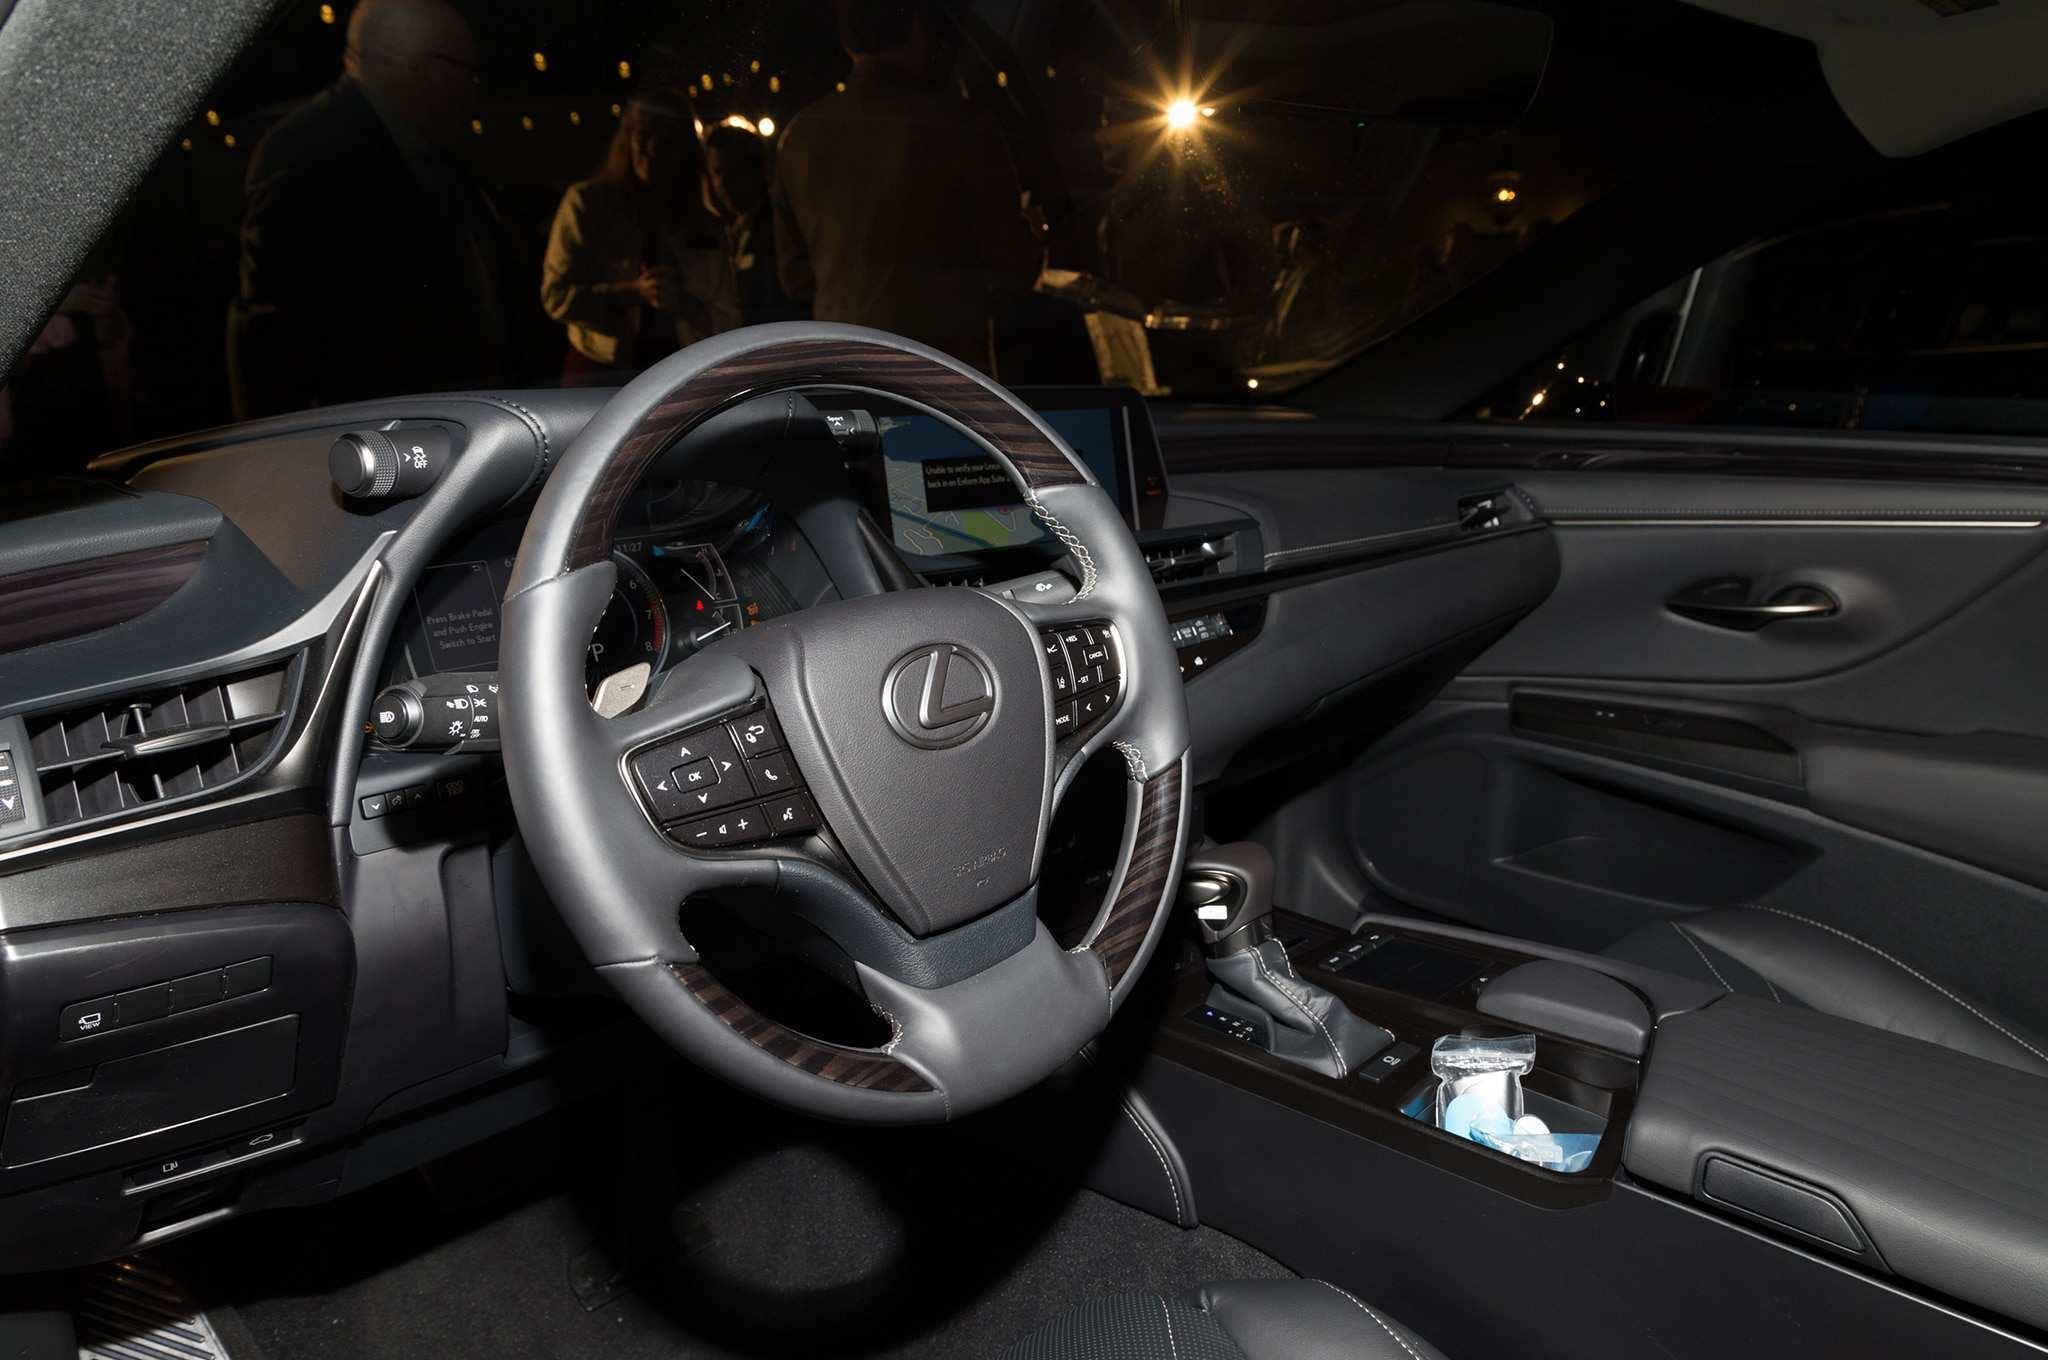 76 Concept of 2019 Lexus Es Interior Redesign by 2019 Lexus Es Interior